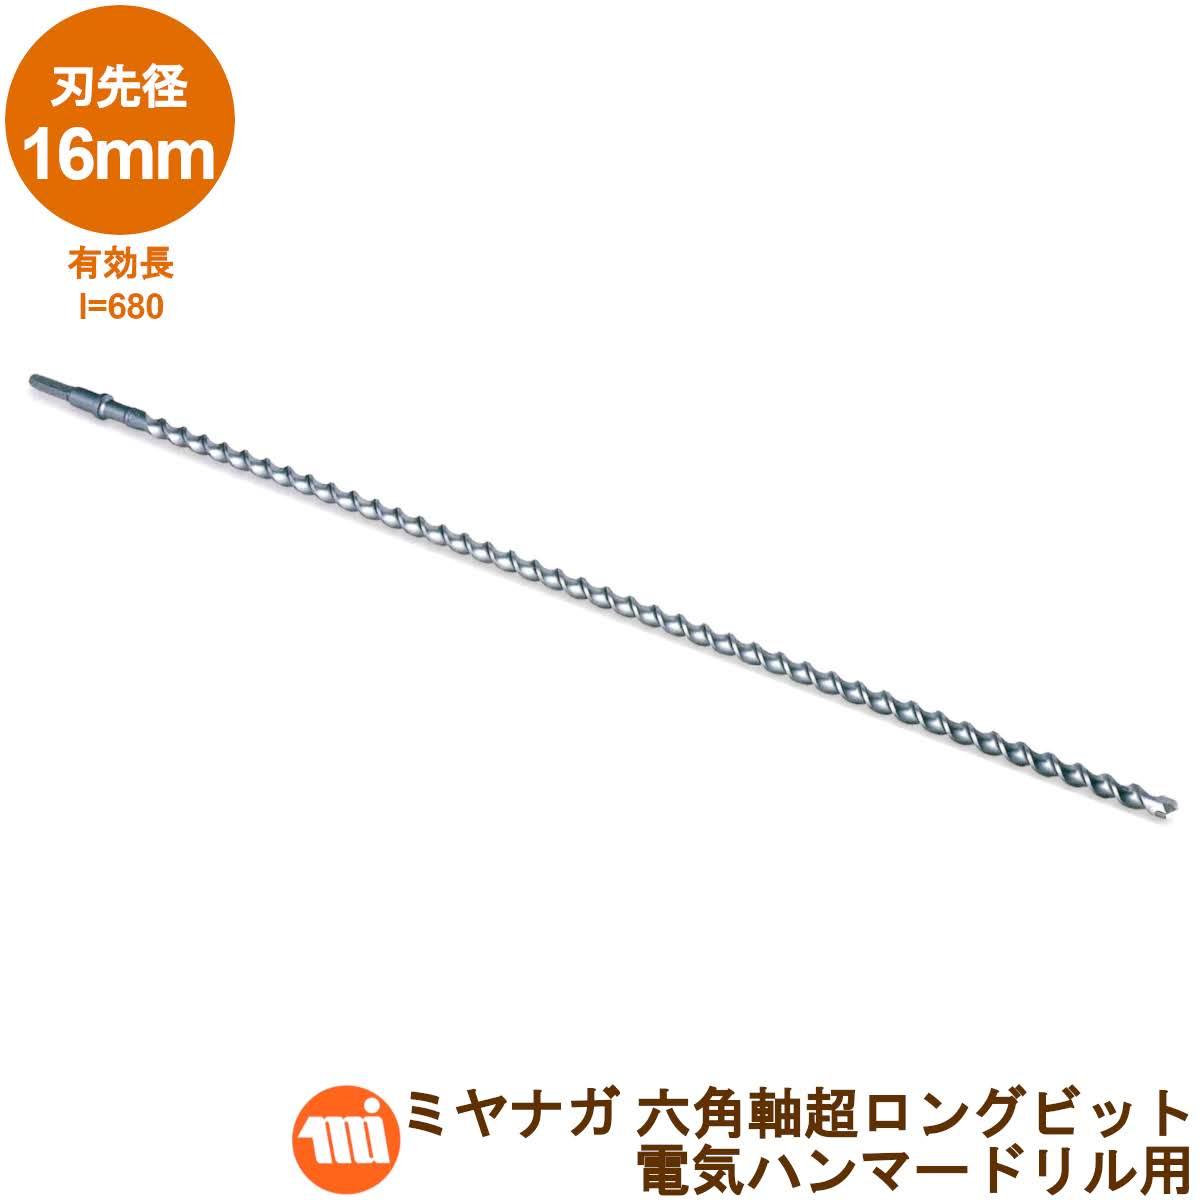 ミヤナガ 六角軸超ロングビット HEX16080刃先径:16.0mm/全長L=800mm/有効長l=680mm電気ハンマードリル用 石材向け